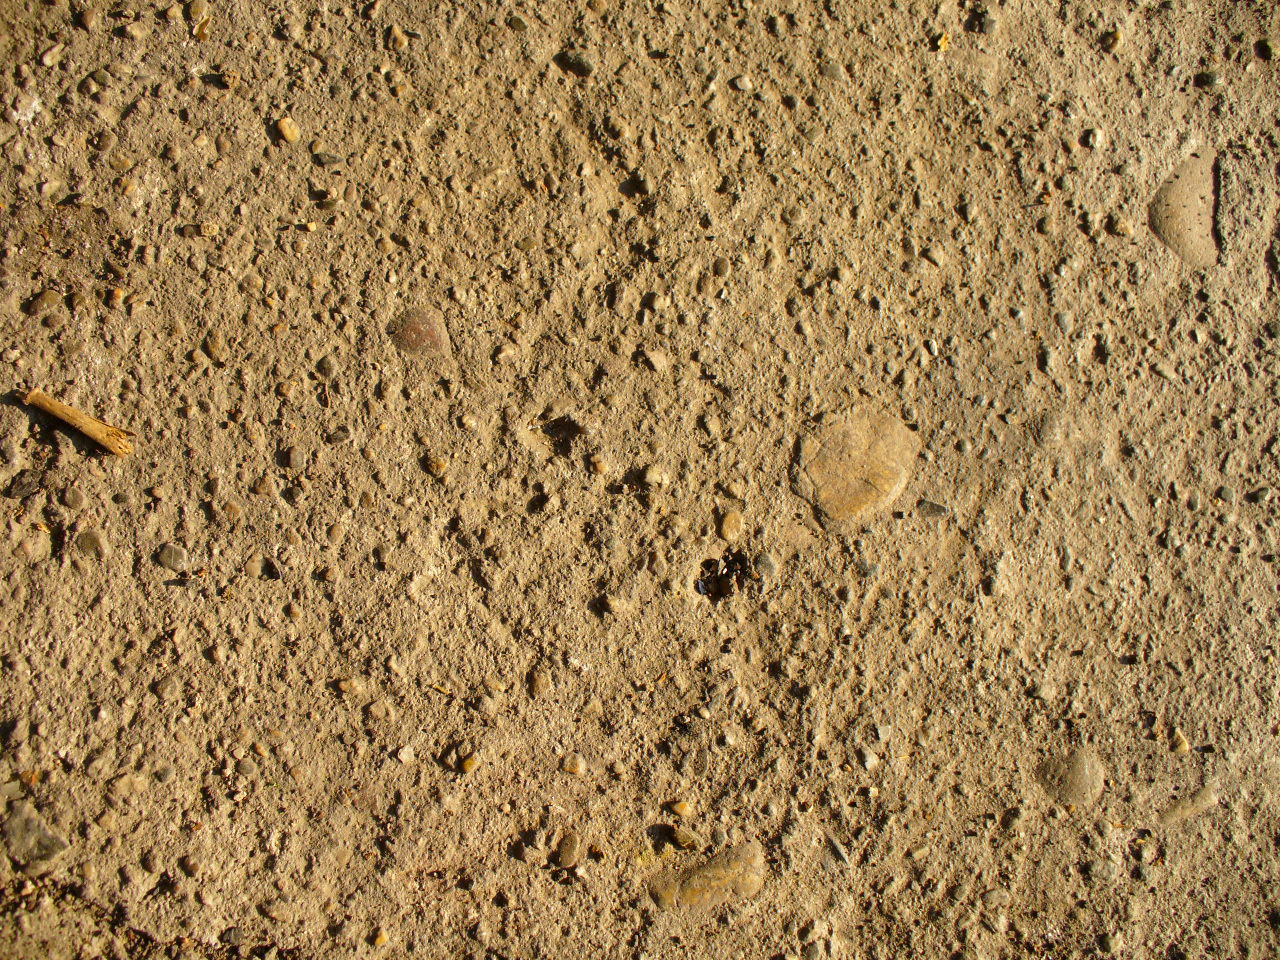 soil-1190627